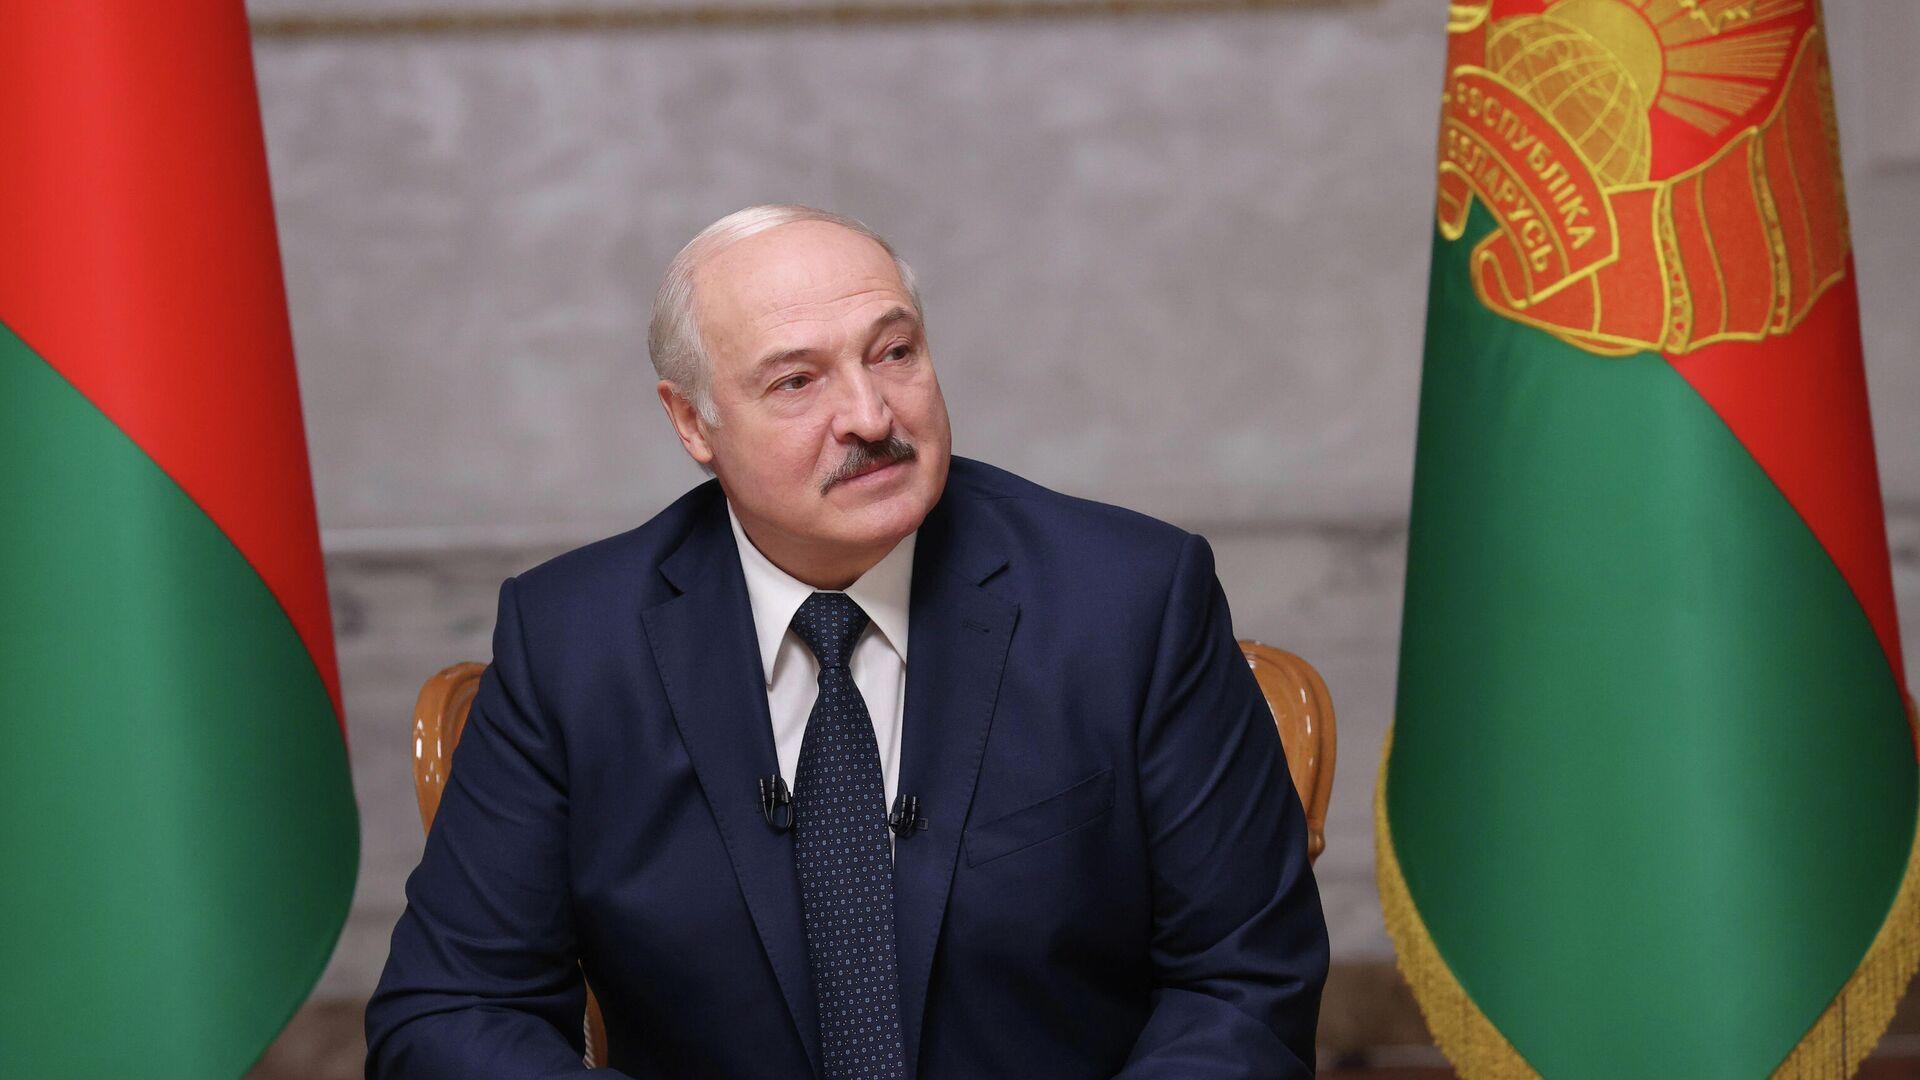 Президент Белоруссии Александр Лукашенко - РИА Новости, 1920, 29.09.2020